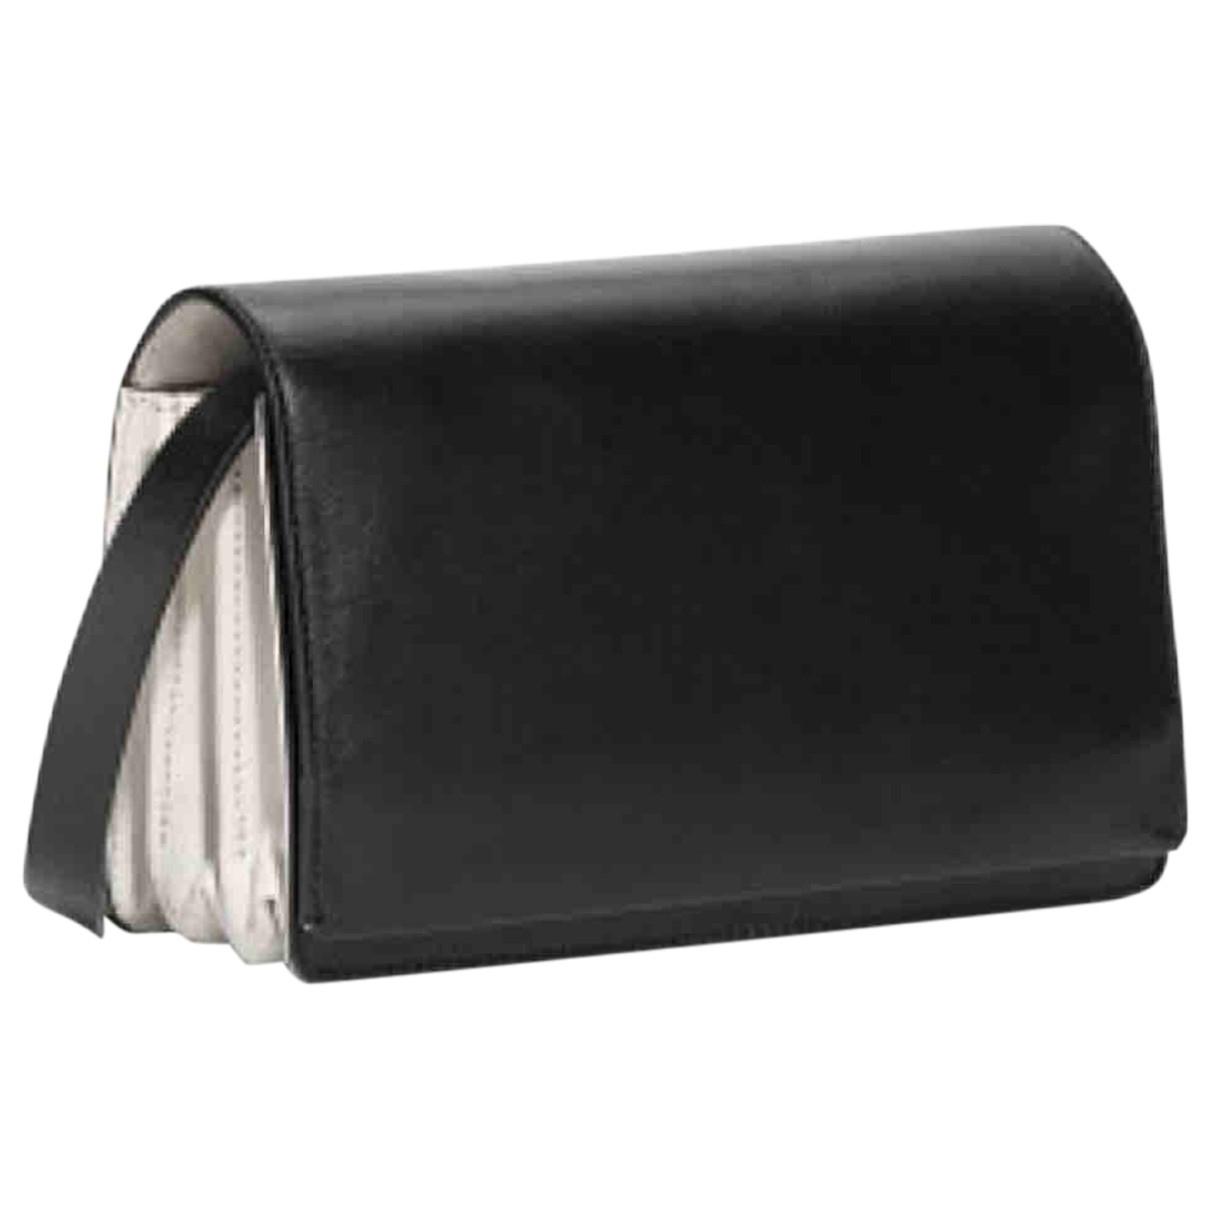 & Other Stories \N Handtasche in  Schwarz Leder